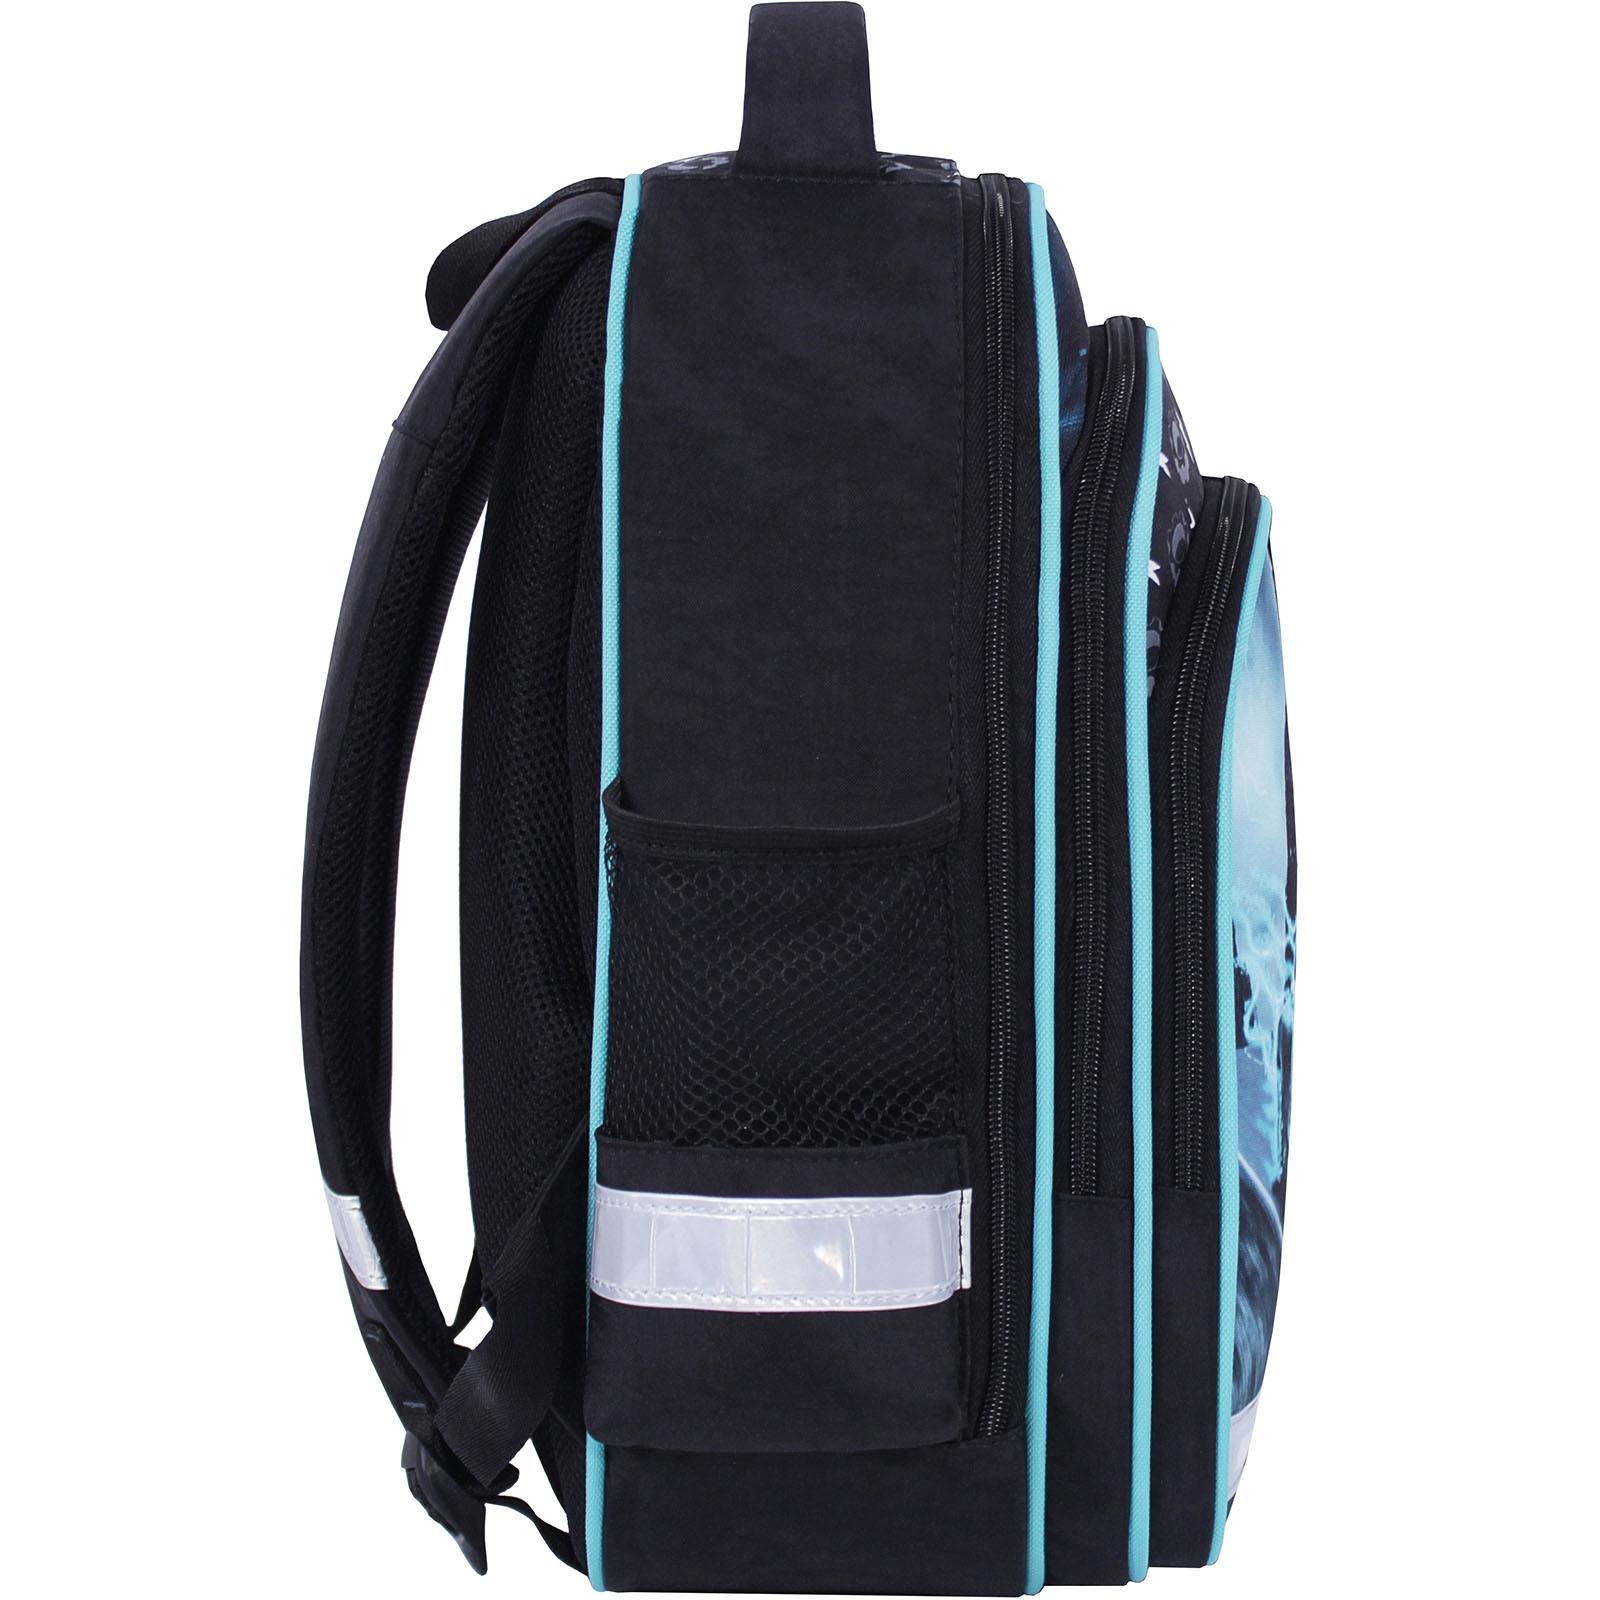 Рюкзак школьный Bagland Mouse черный 558 (0051370) фото 2